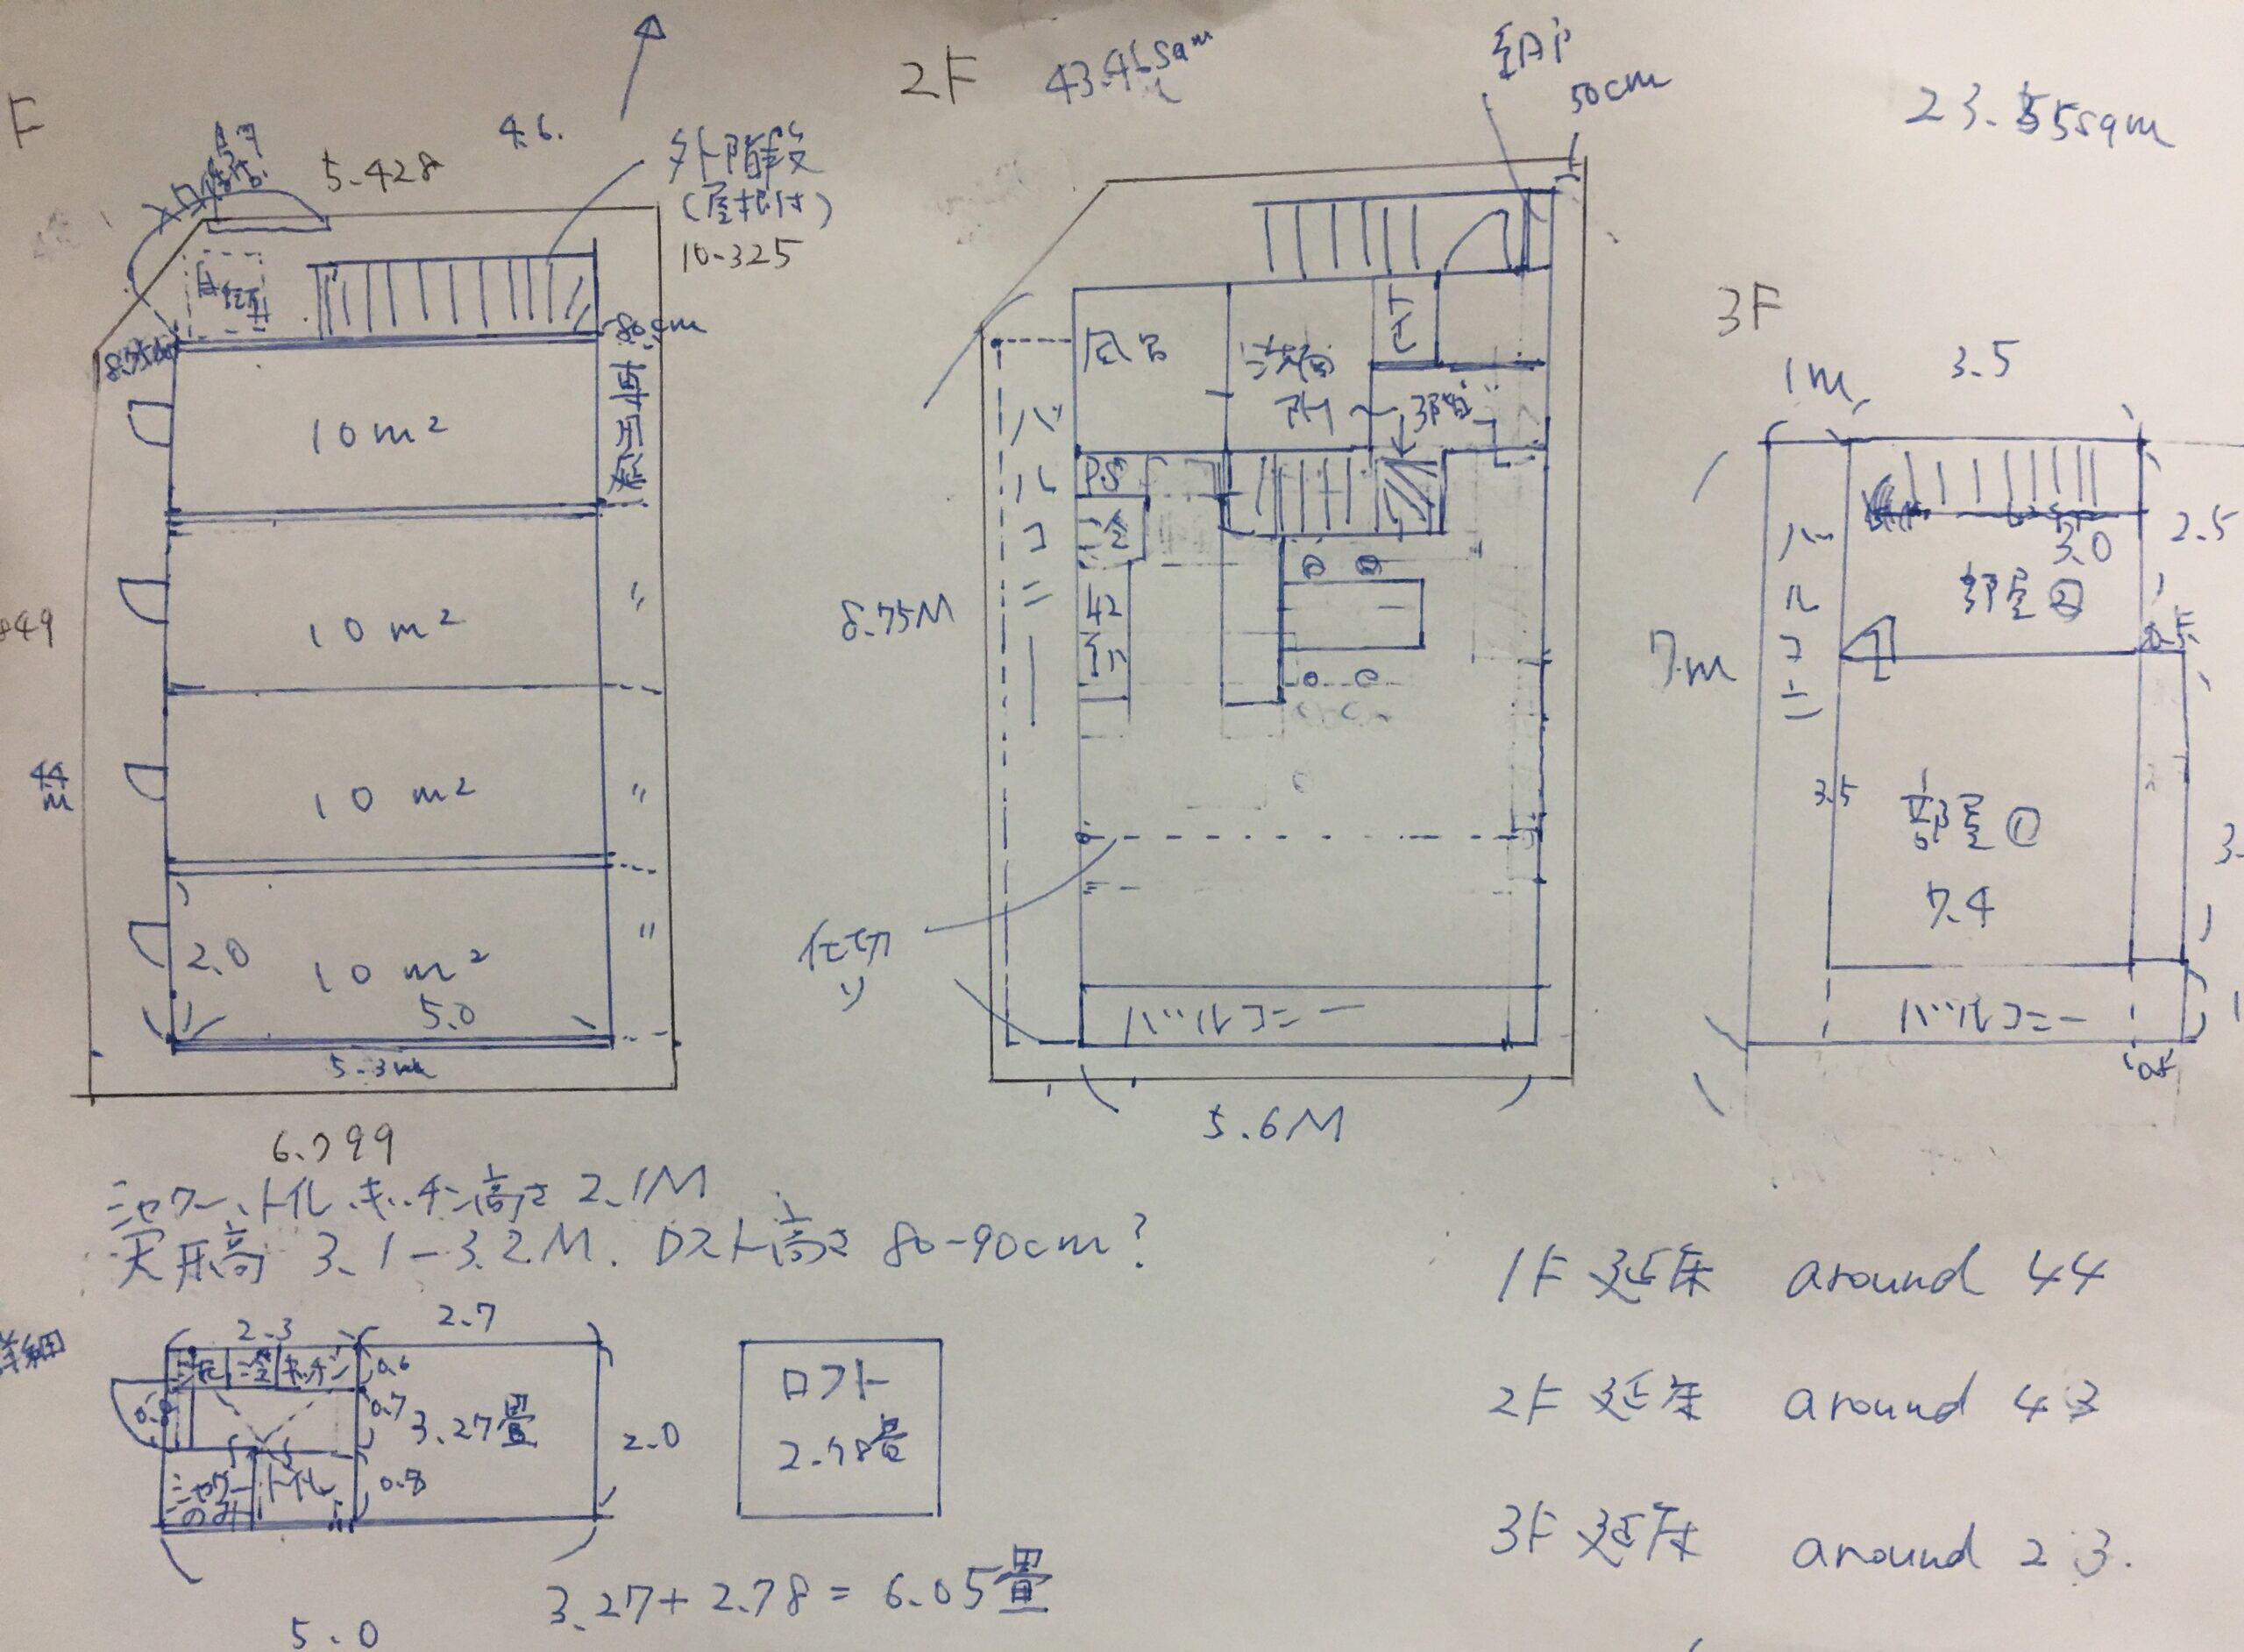 理想の家を建てることができるか、確認する必要があります。